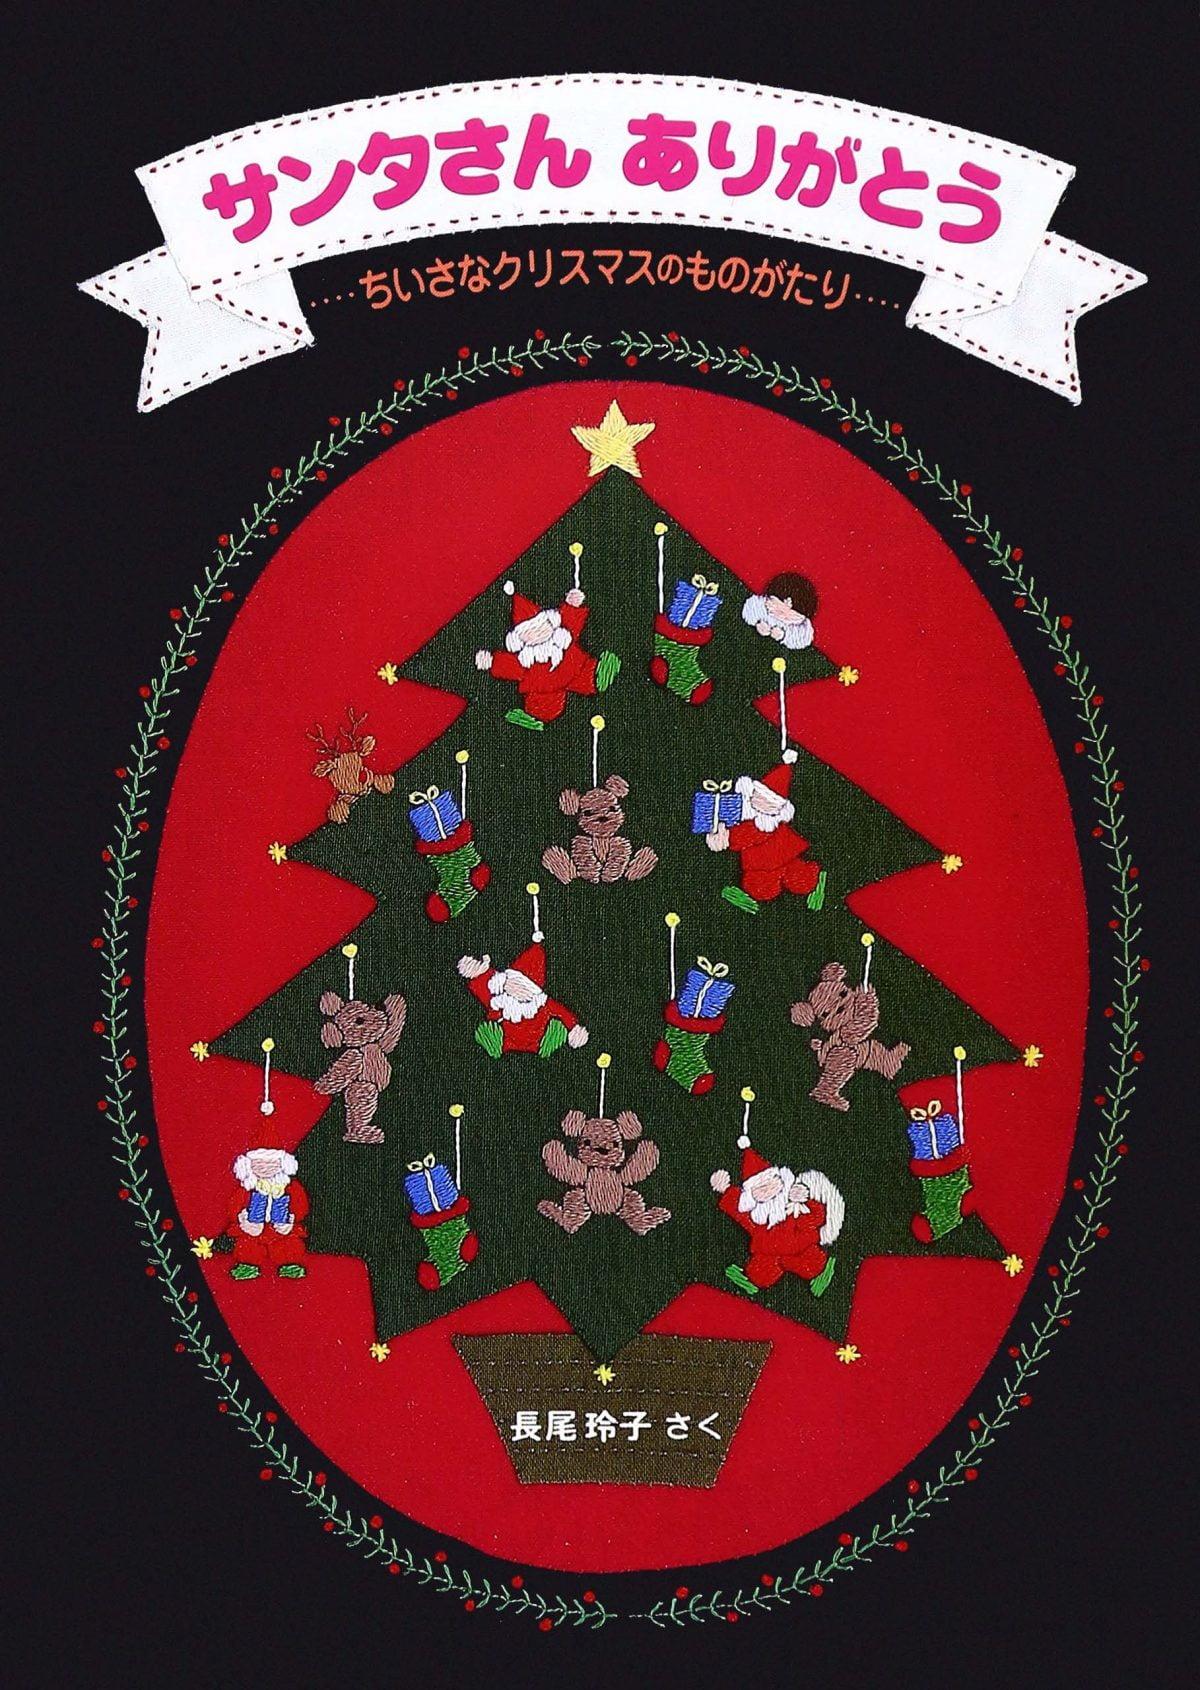 絵本「サンタさん ありがとう ちいさなクリスマスのものがたり」の表紙